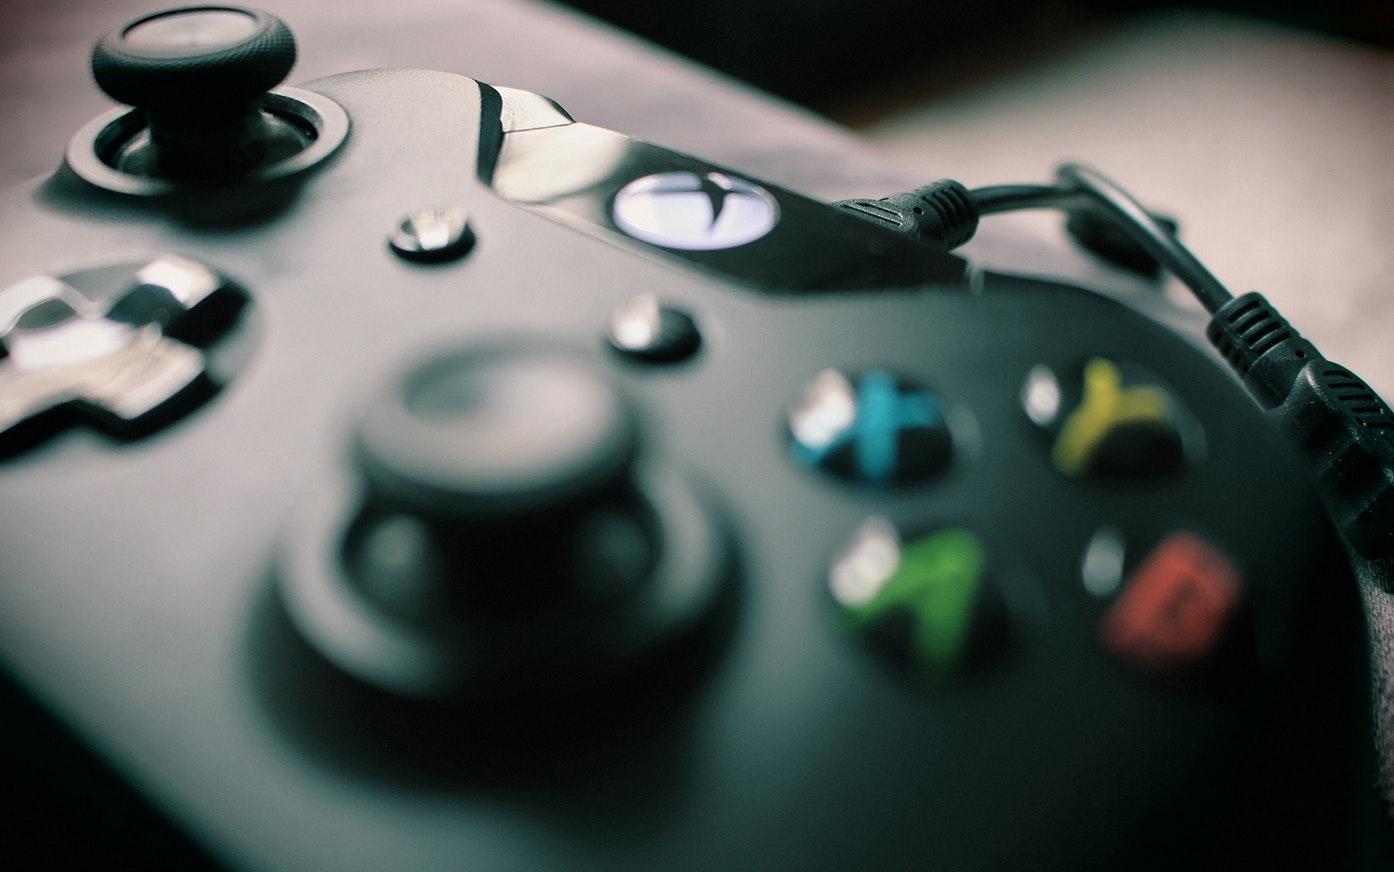 Diese Video-Spiele kommen noch dieses Jahr neu heraus